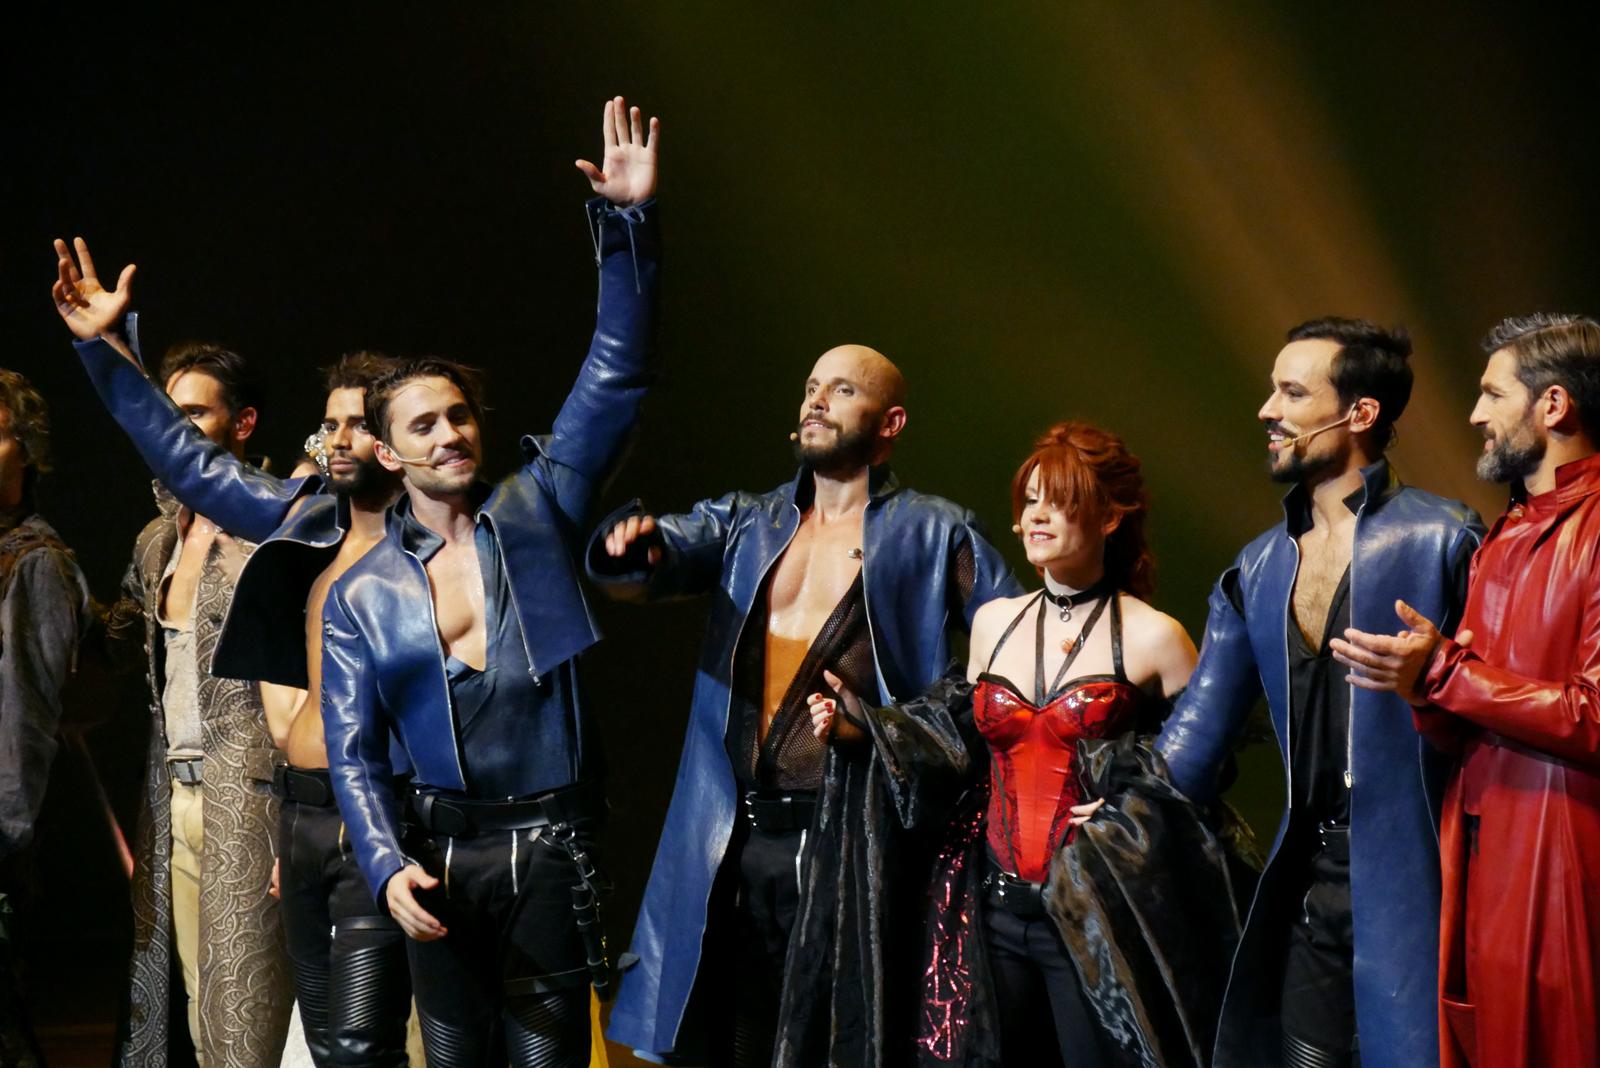 les-3-mousquetaires-le-spectacle-comedie-musicale-brahim-zaibat-olivier-dion-david-ban-emji-damien-sargue-photo-scene-usofparis-blog